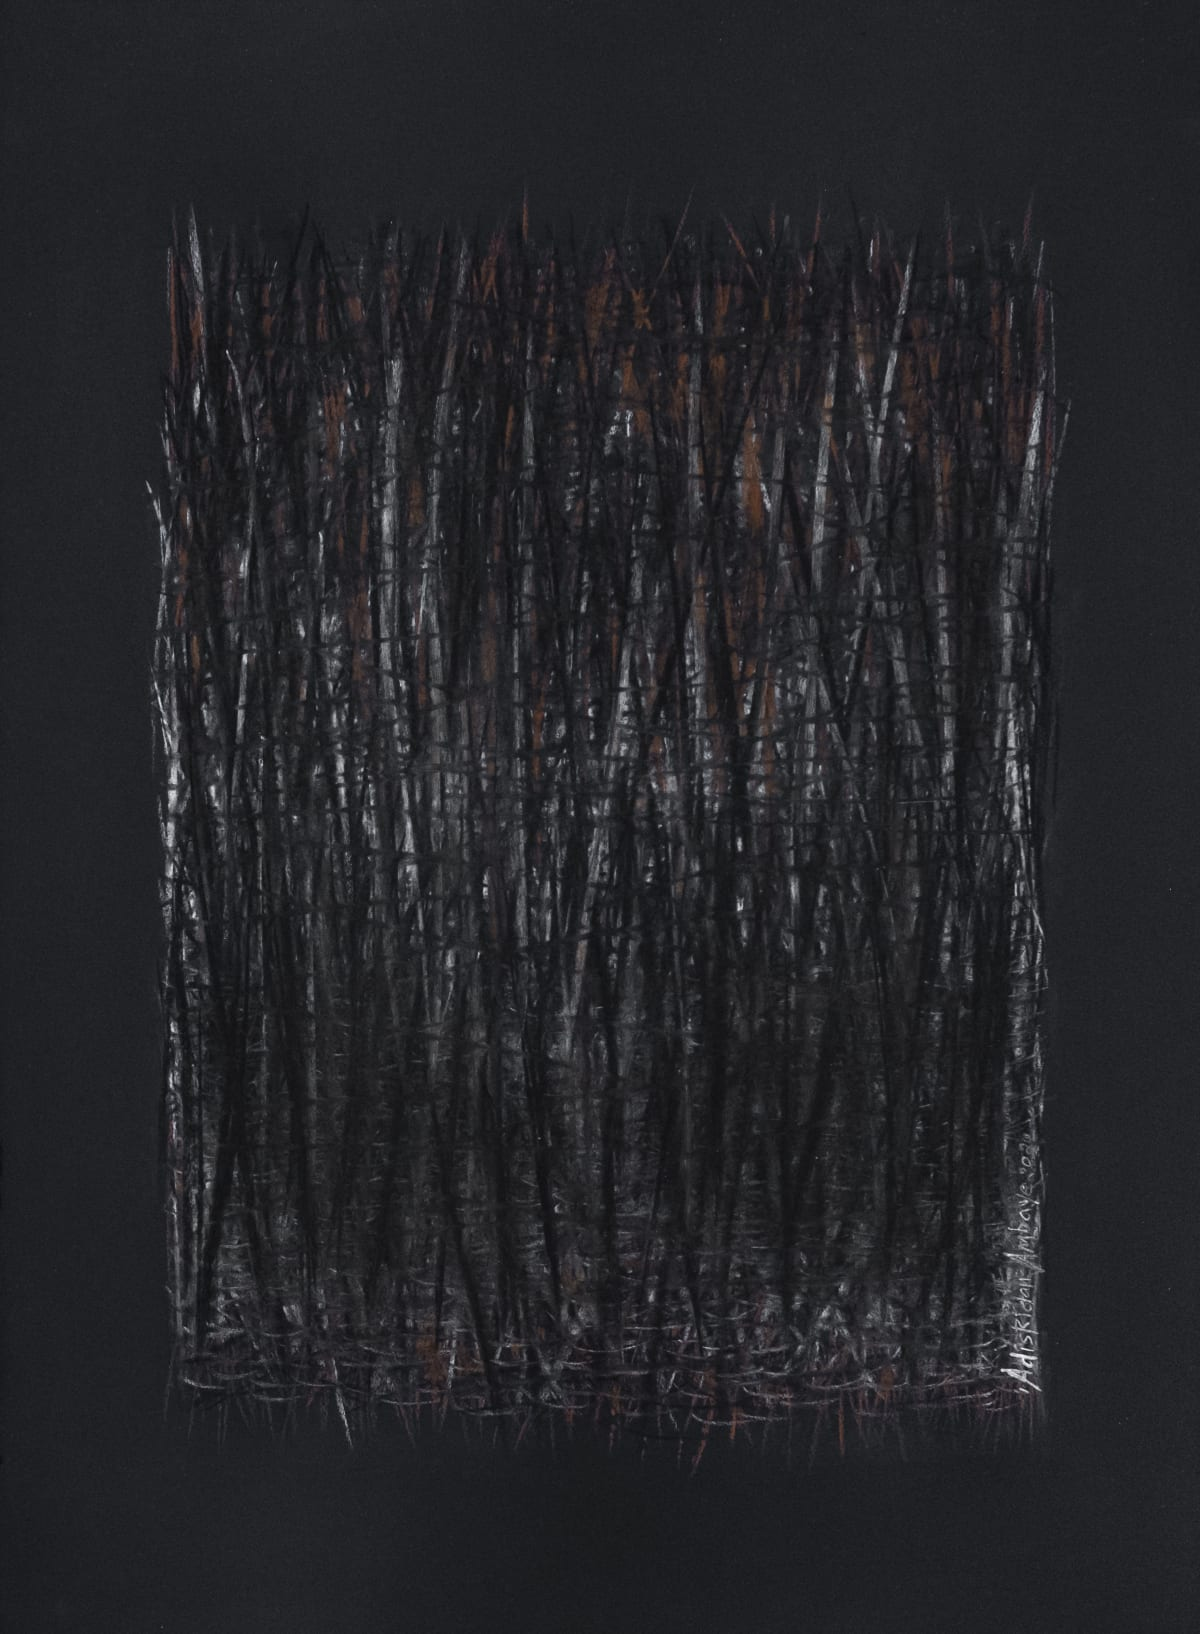 Adiskidan Ambaye, Untitled I, 2020